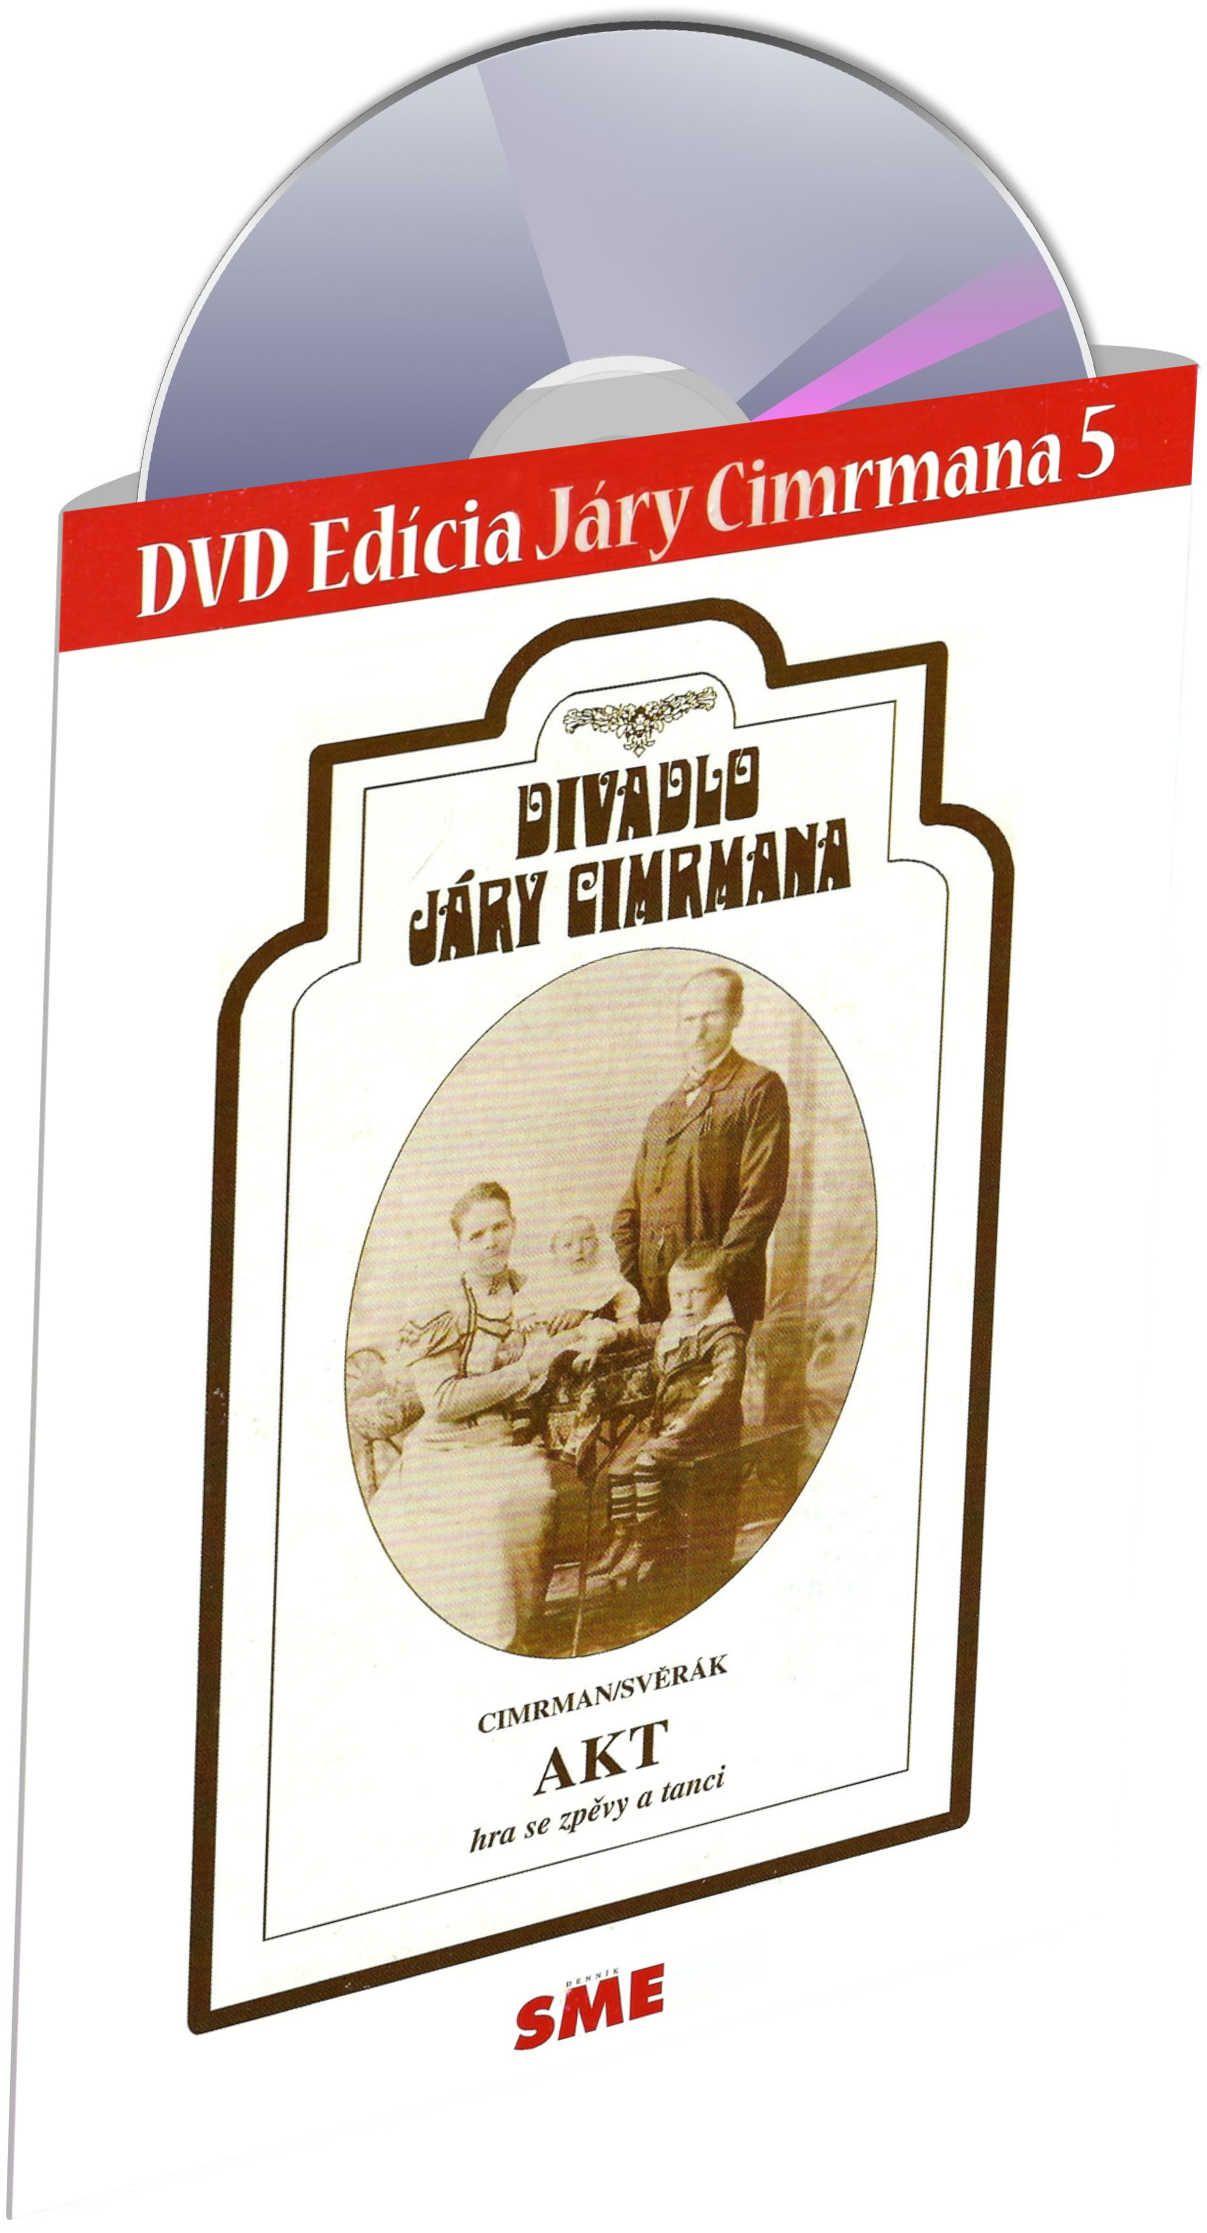 Divadlo Járy Cimrmana DVD5 - Akt - Edice Denník SME (DVD)